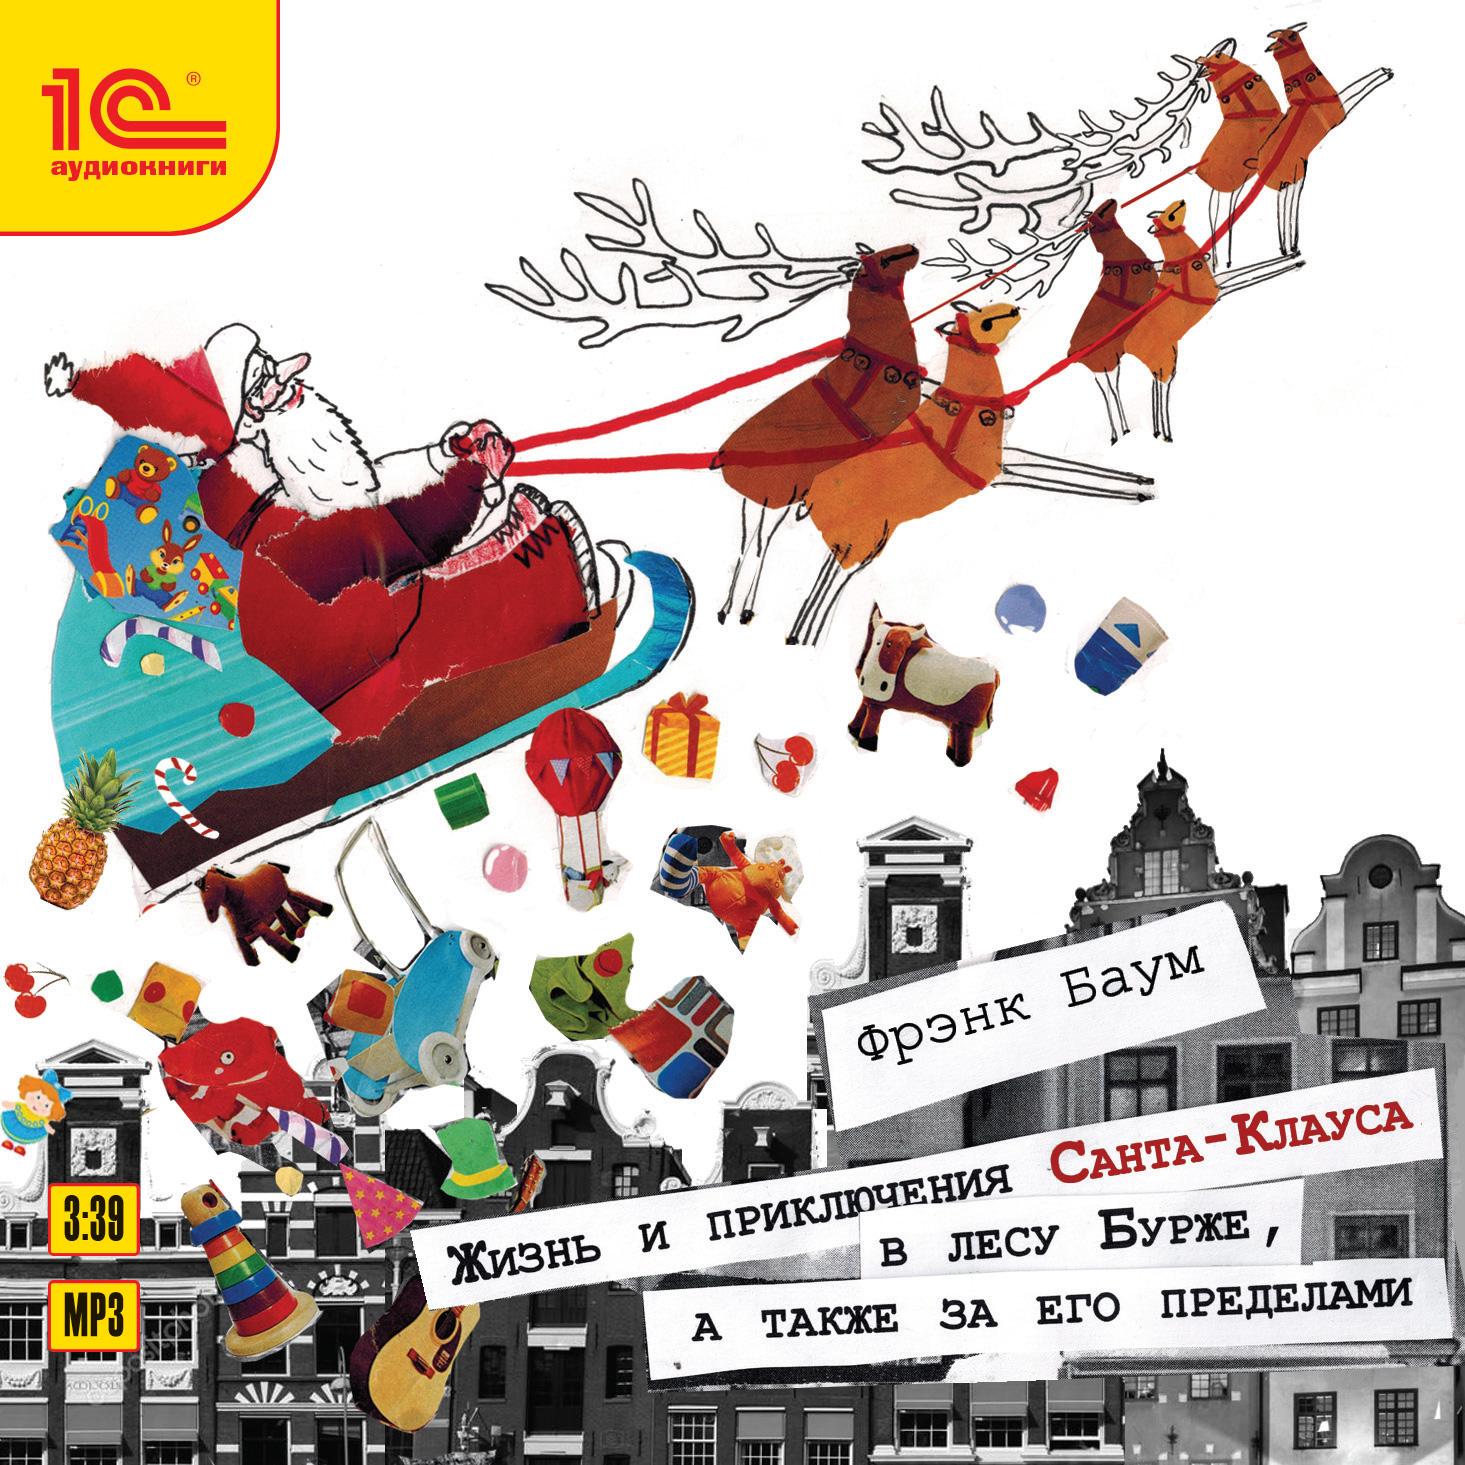 Лаймен Фрэнк Баум Жизнь и приключения Санта-Клауса в лесу Бурже, а также за его пределами 160 дет санта клаус